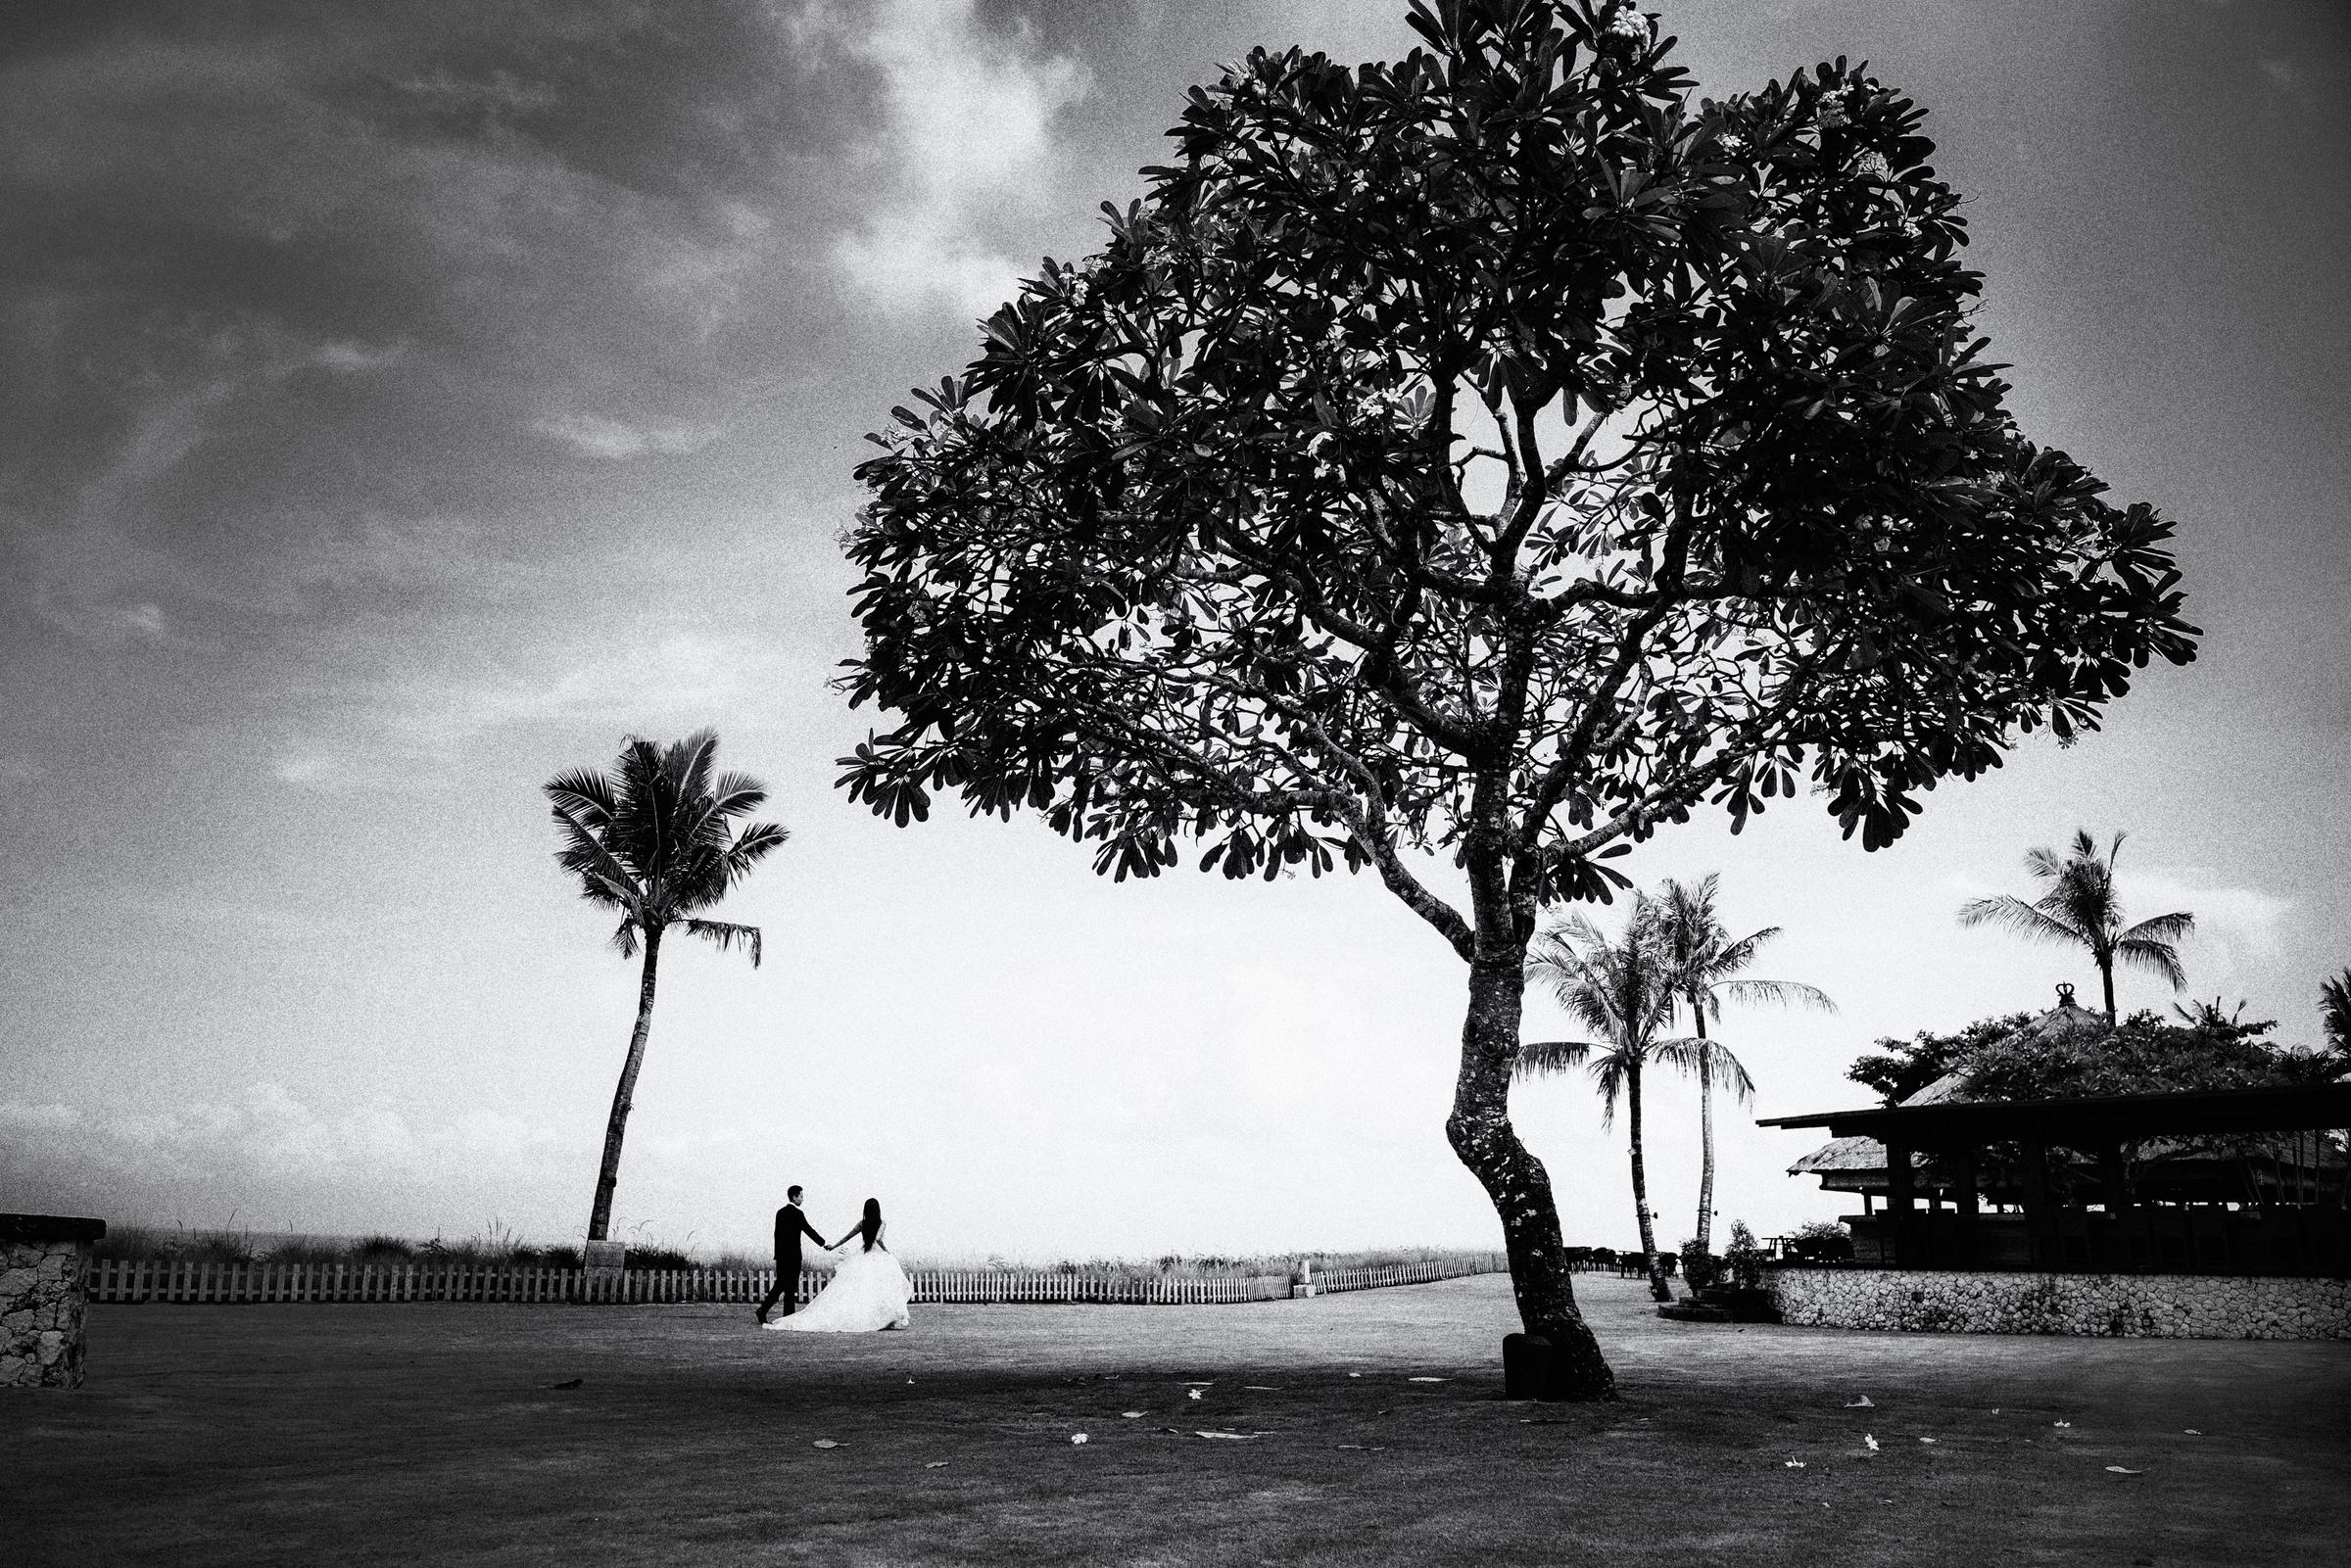 Couple in Bali landscape - photo by Jozef Povazan Photography